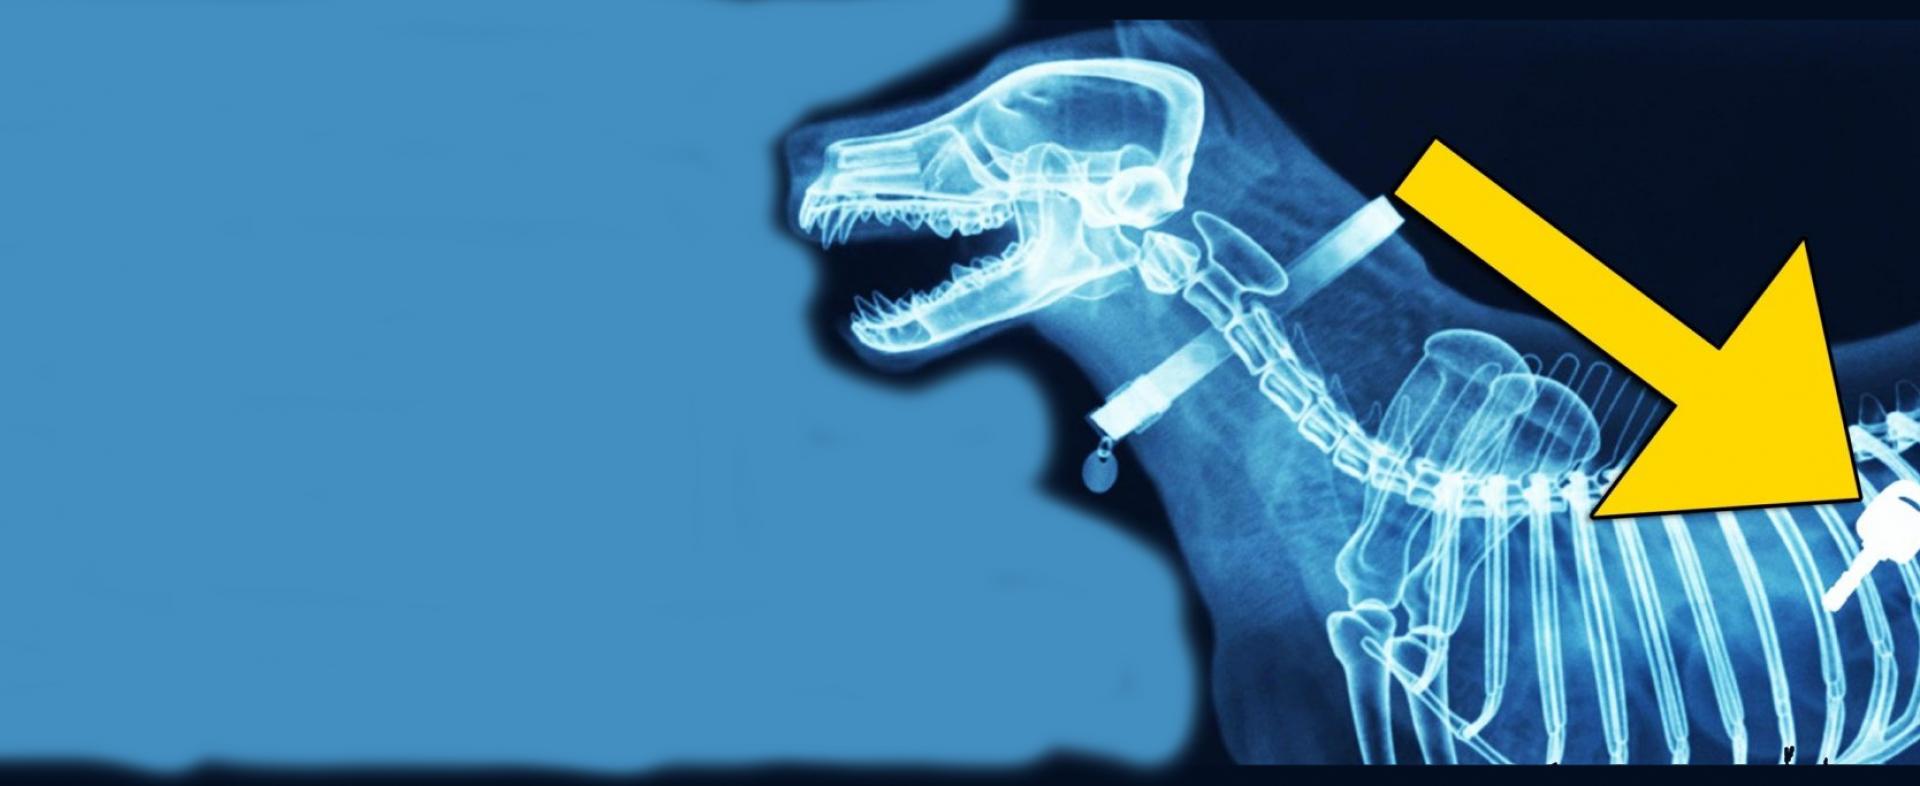 """В ветеринарной клинике """"Сова"""" в Чехове можно сделать рентген животным"""